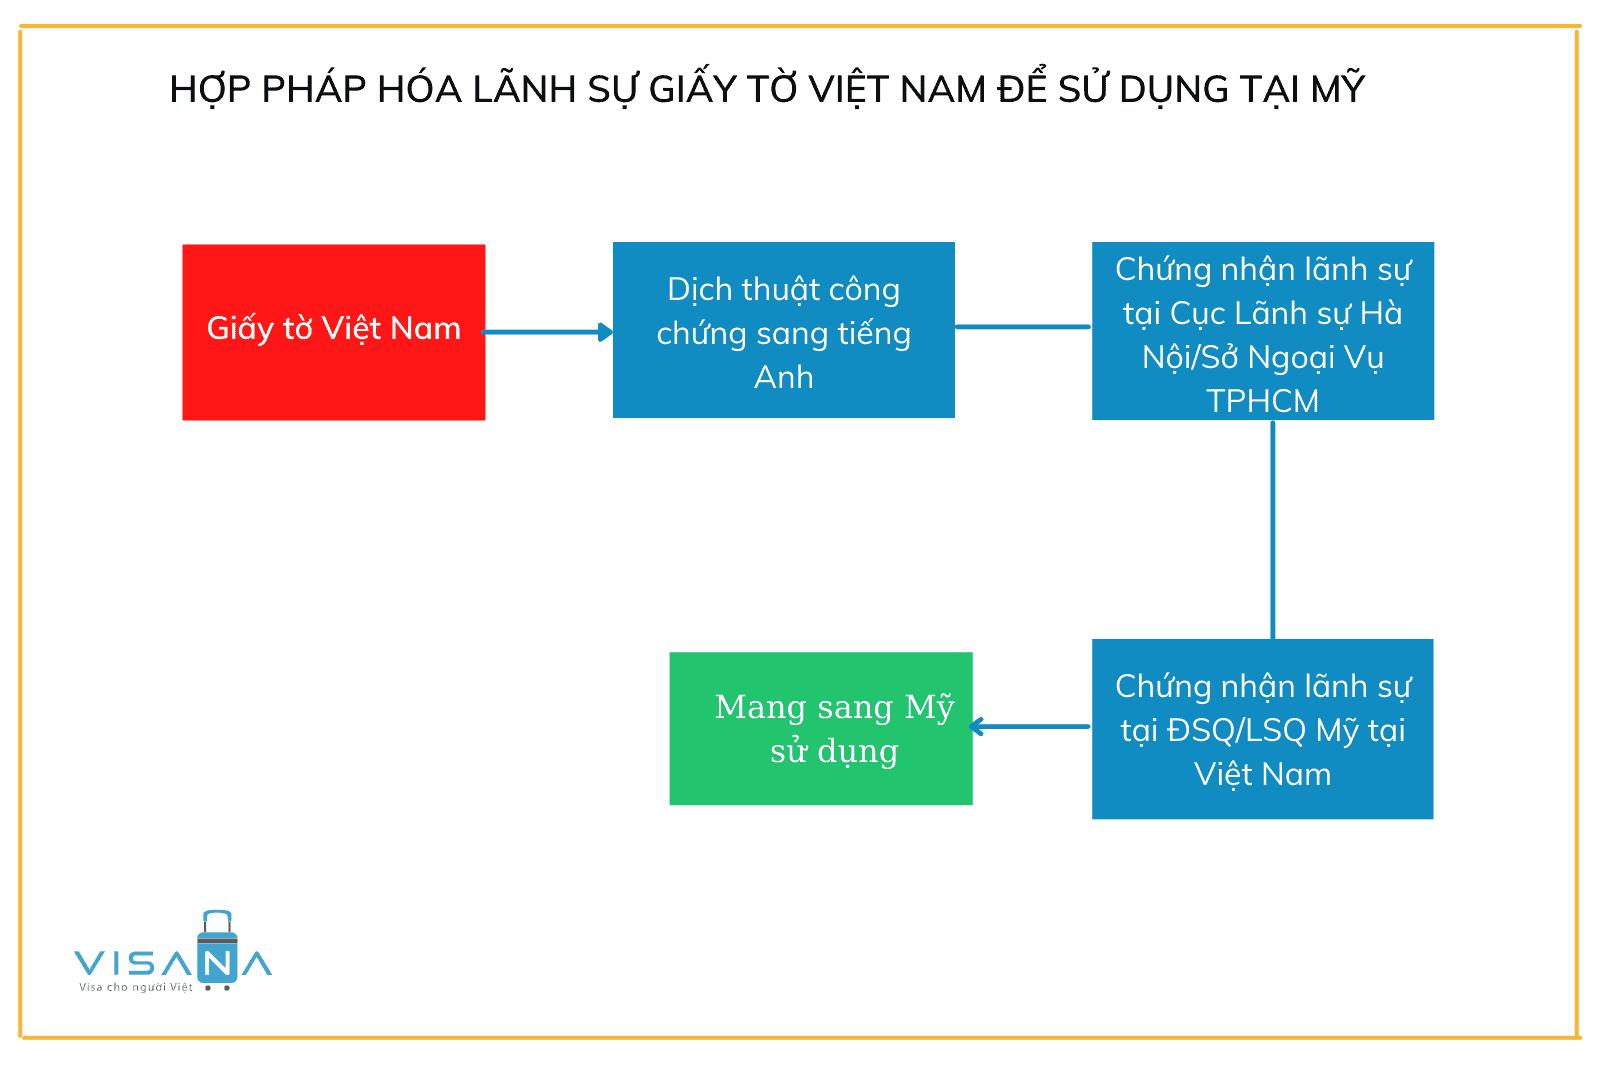 Thủ tục hợp pháp hóa lãnh sự giấy tờ Việt Nam sử dụng tại Mỹ